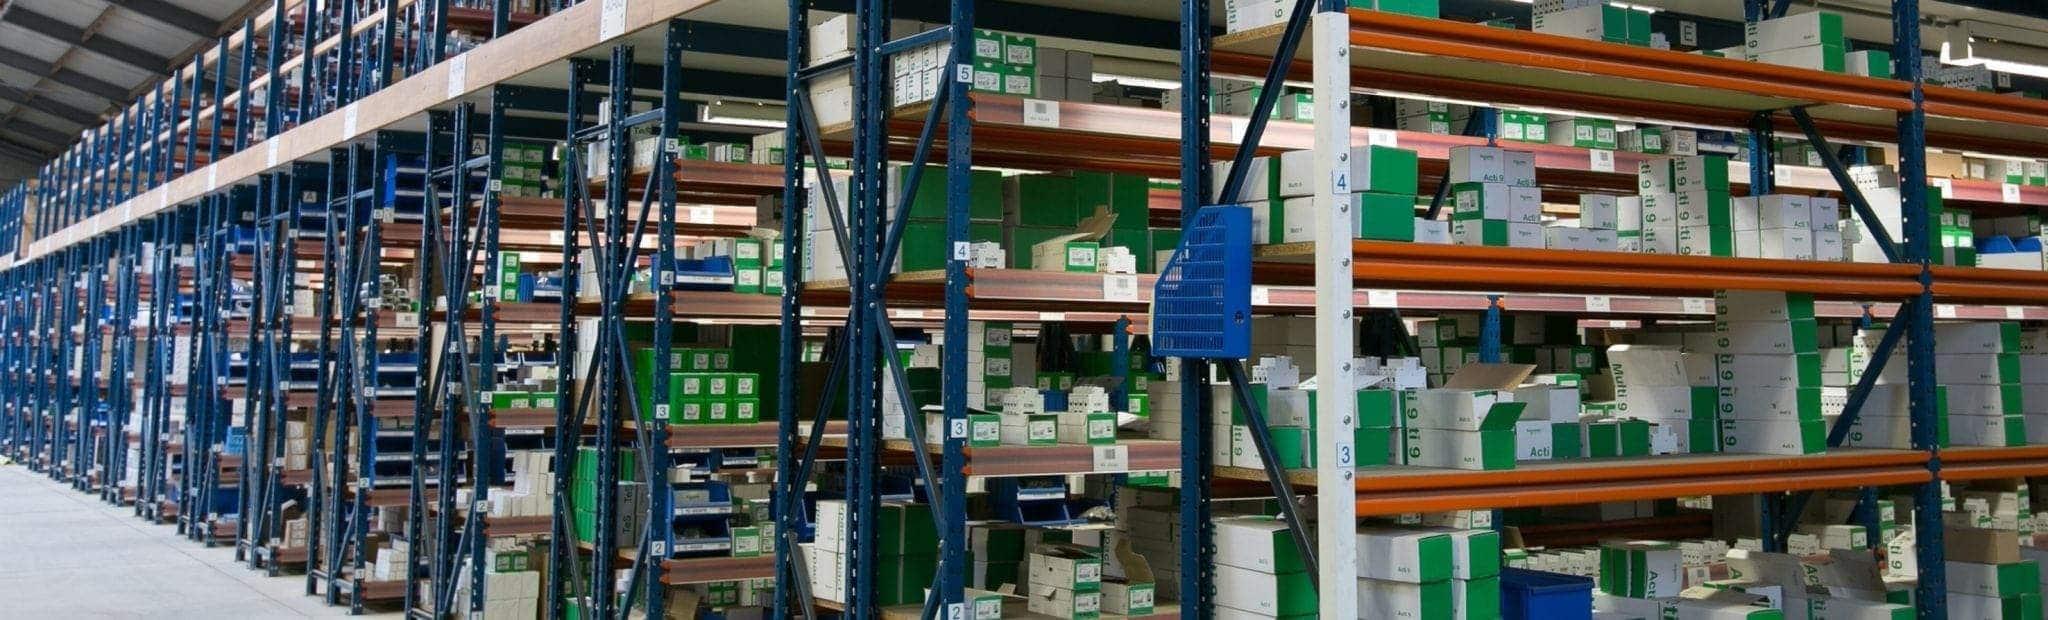 magazijn-distributie